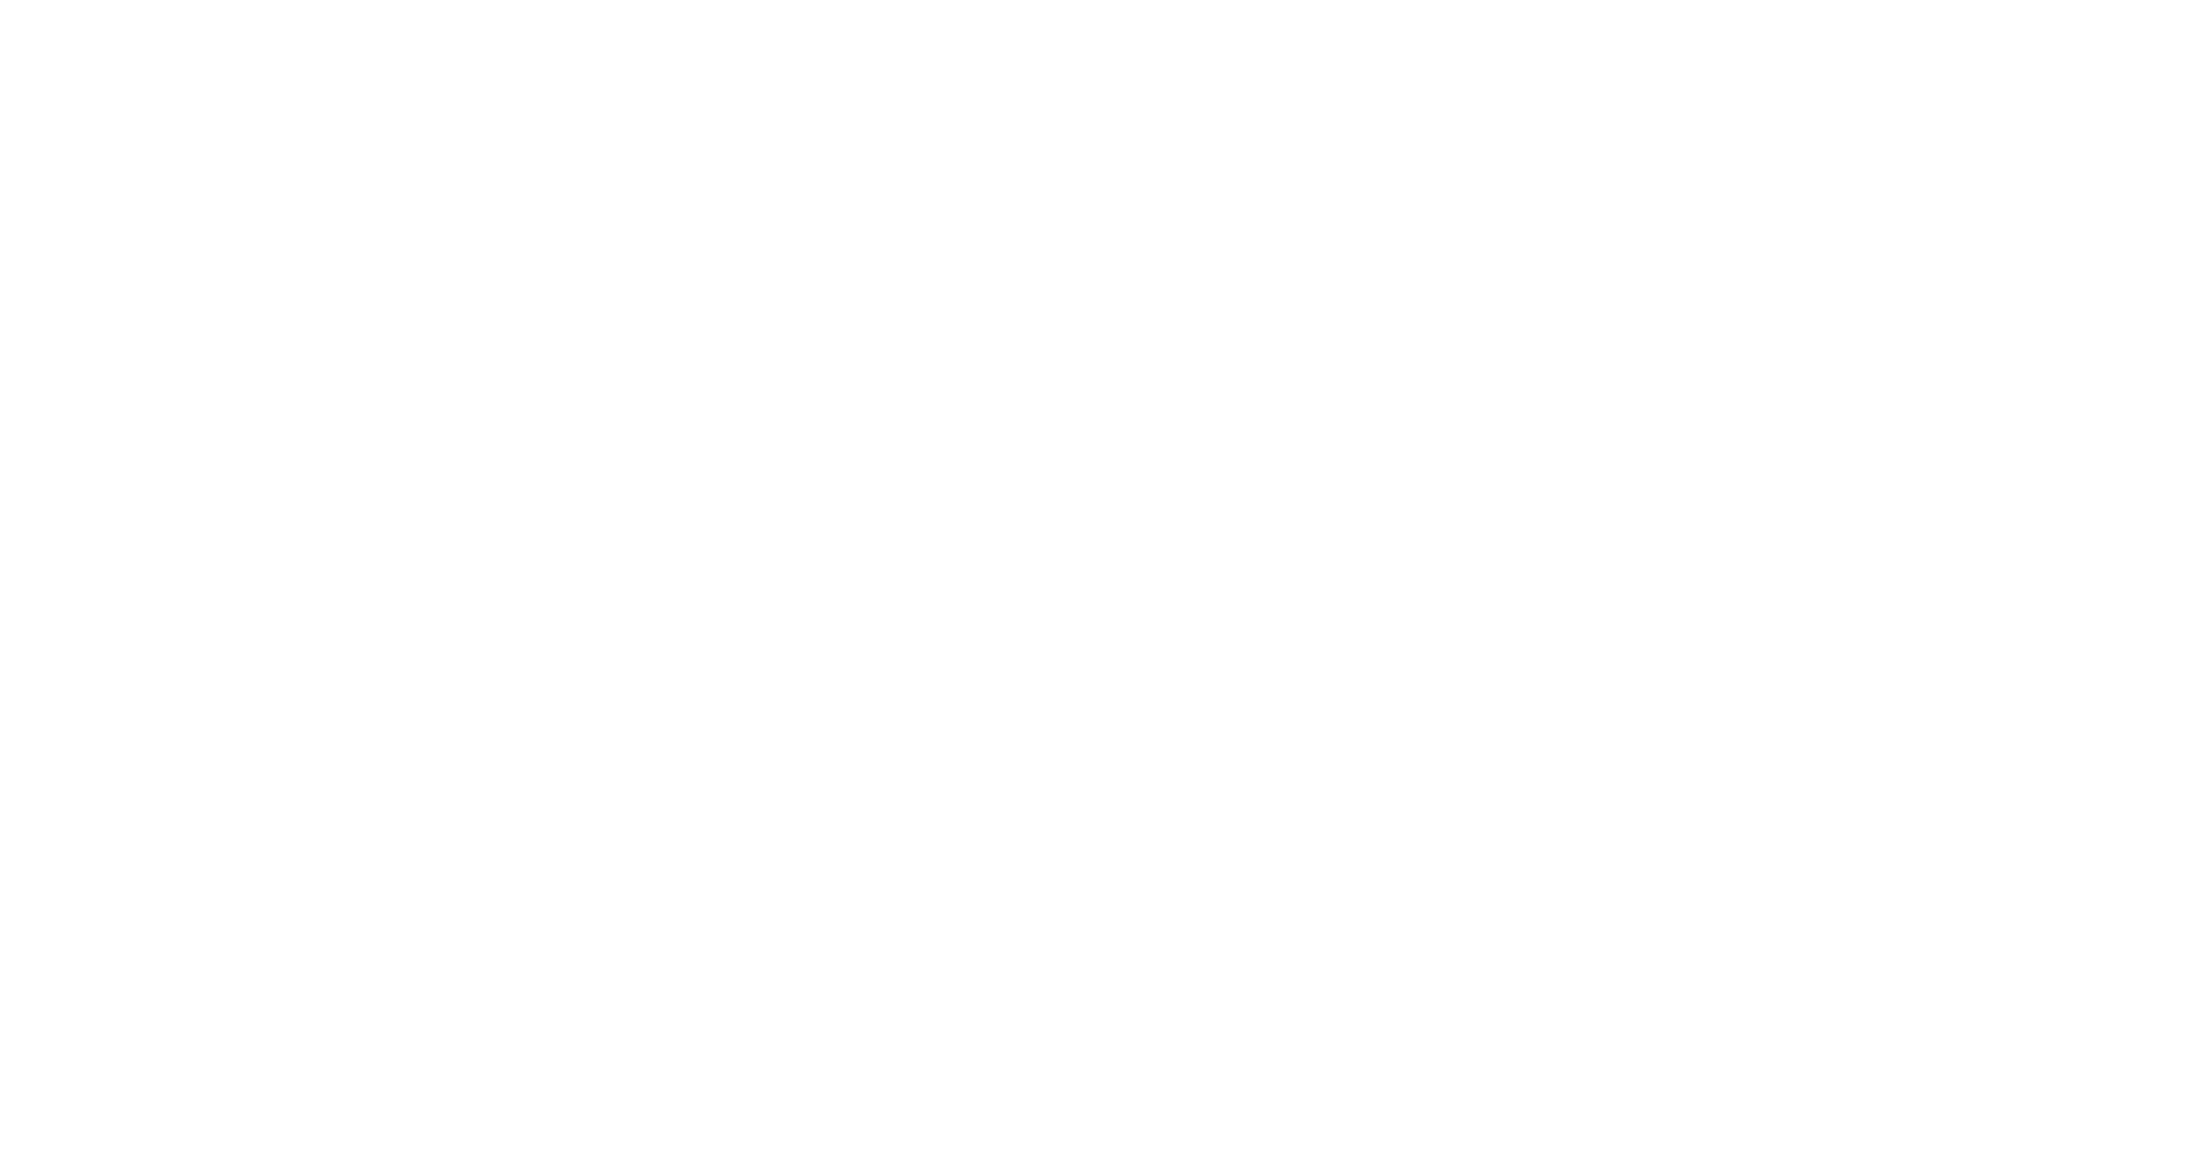 lavdas-main-transparent-slide-background